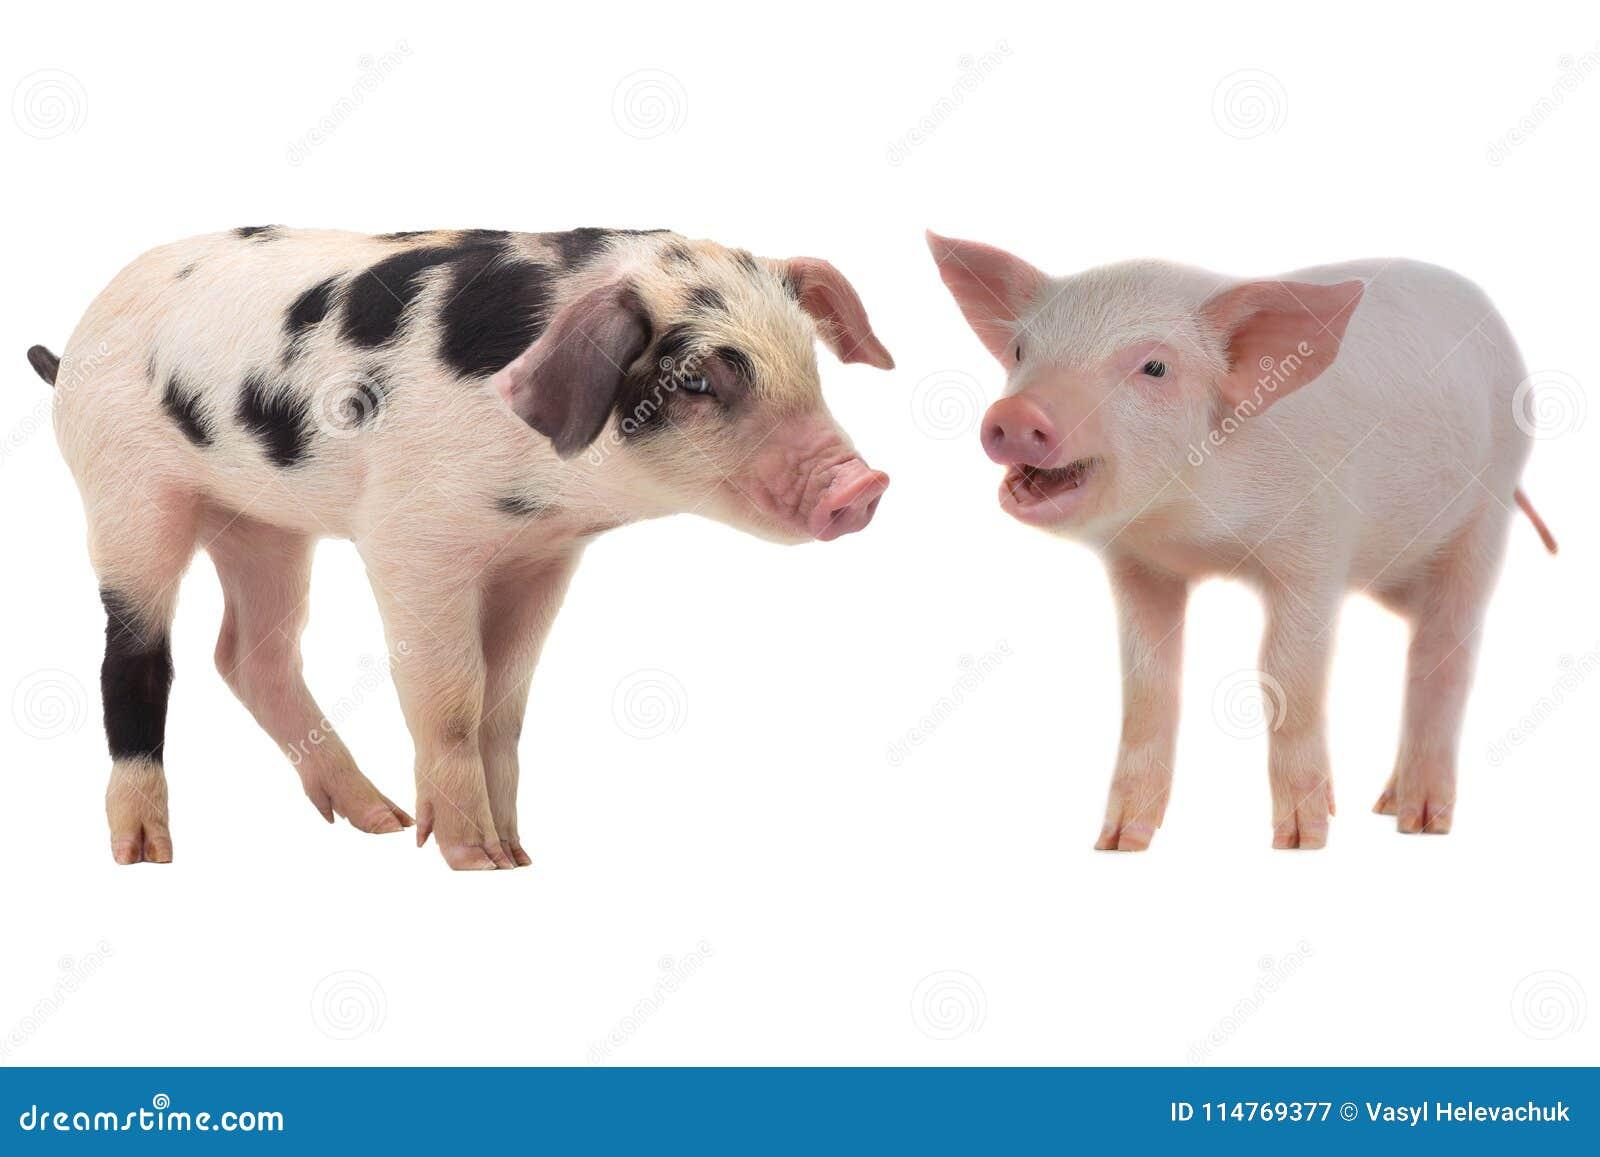 图片 包括有 母猪, 背包, 家畜, 哺乳动物, 通配, 空白, 没人, 农场图片